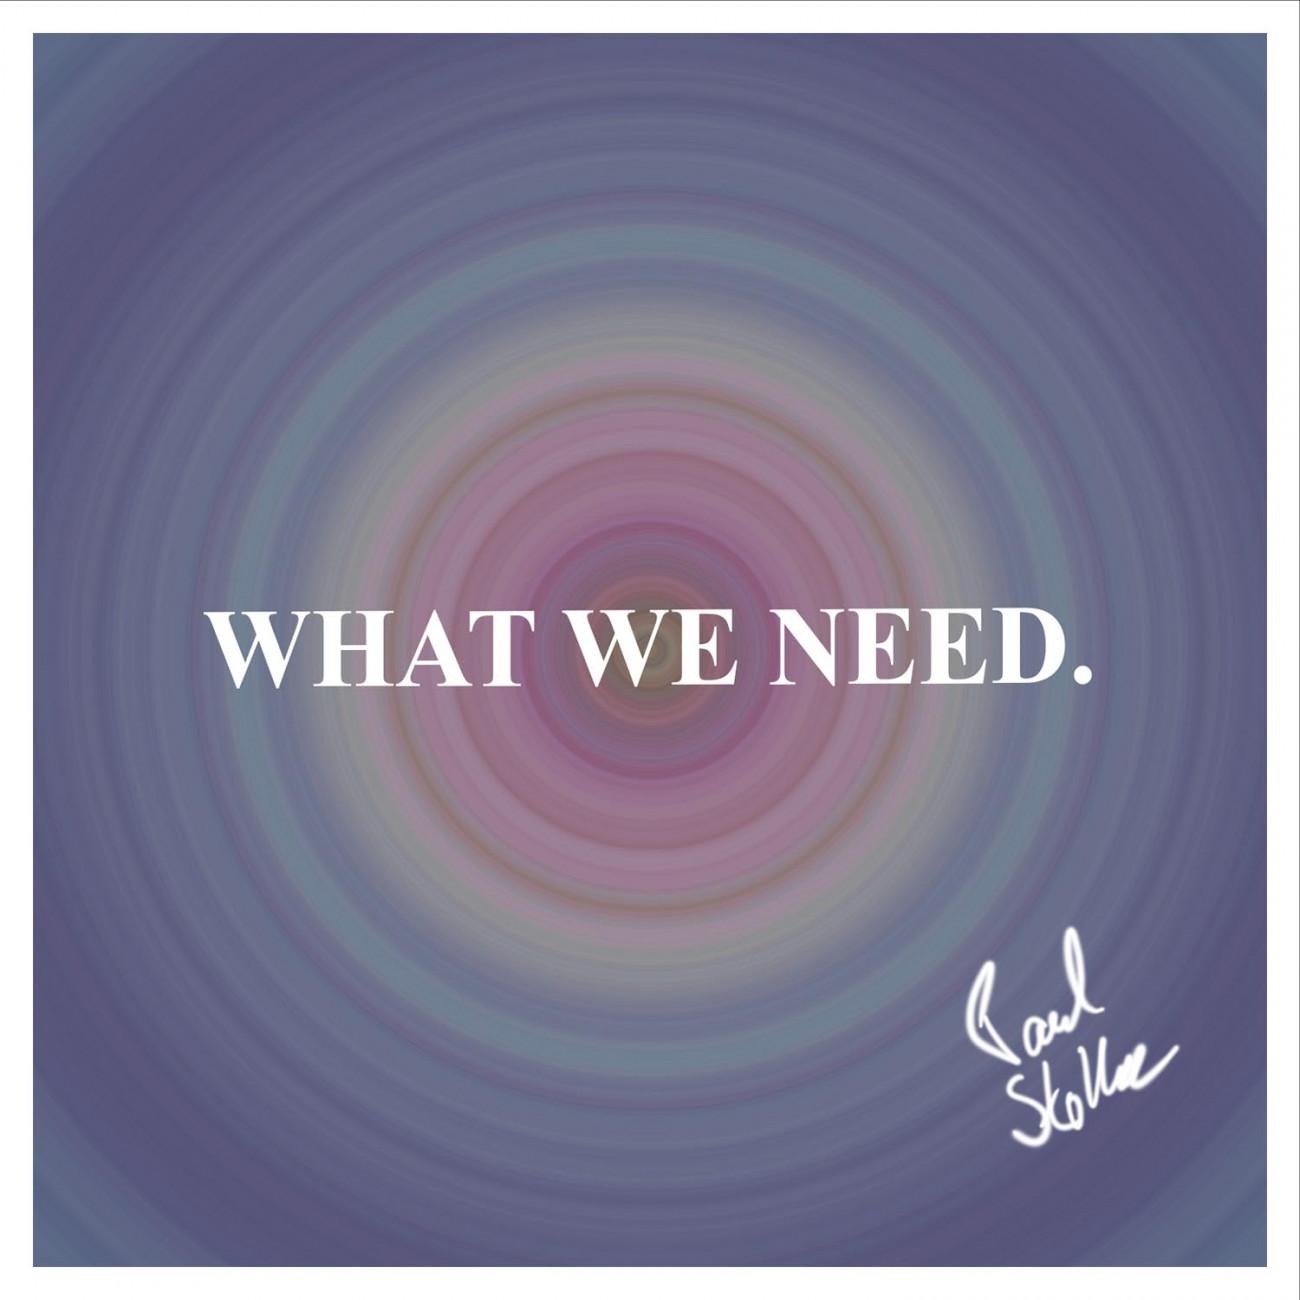 Paul Stoltze – Saxophonist, What we need. Paul Stoltze